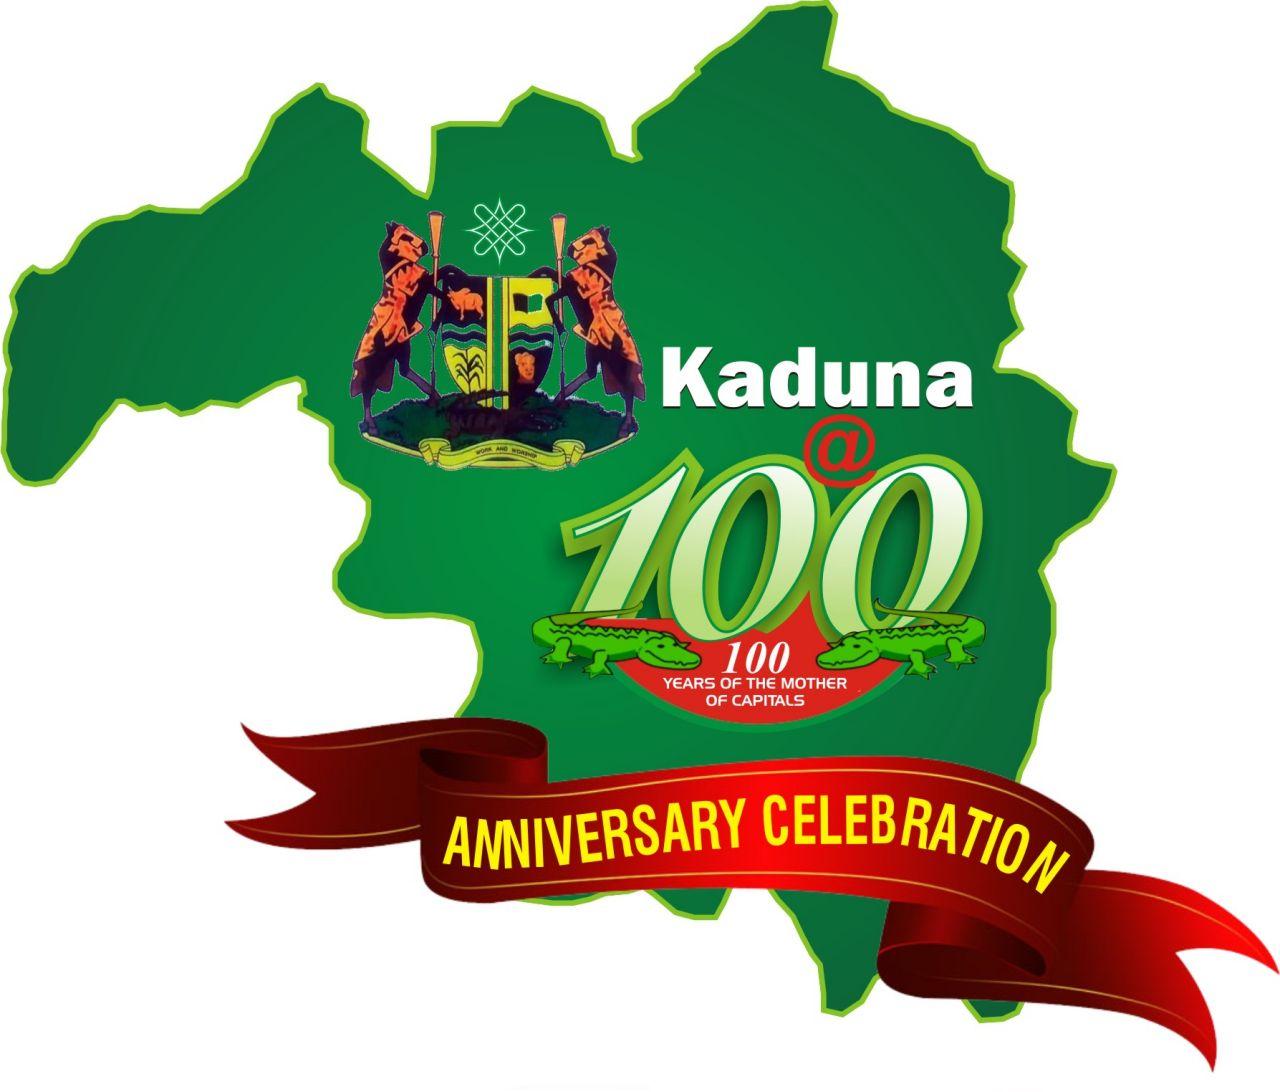 Kaduna and the Paradox of a Centenary